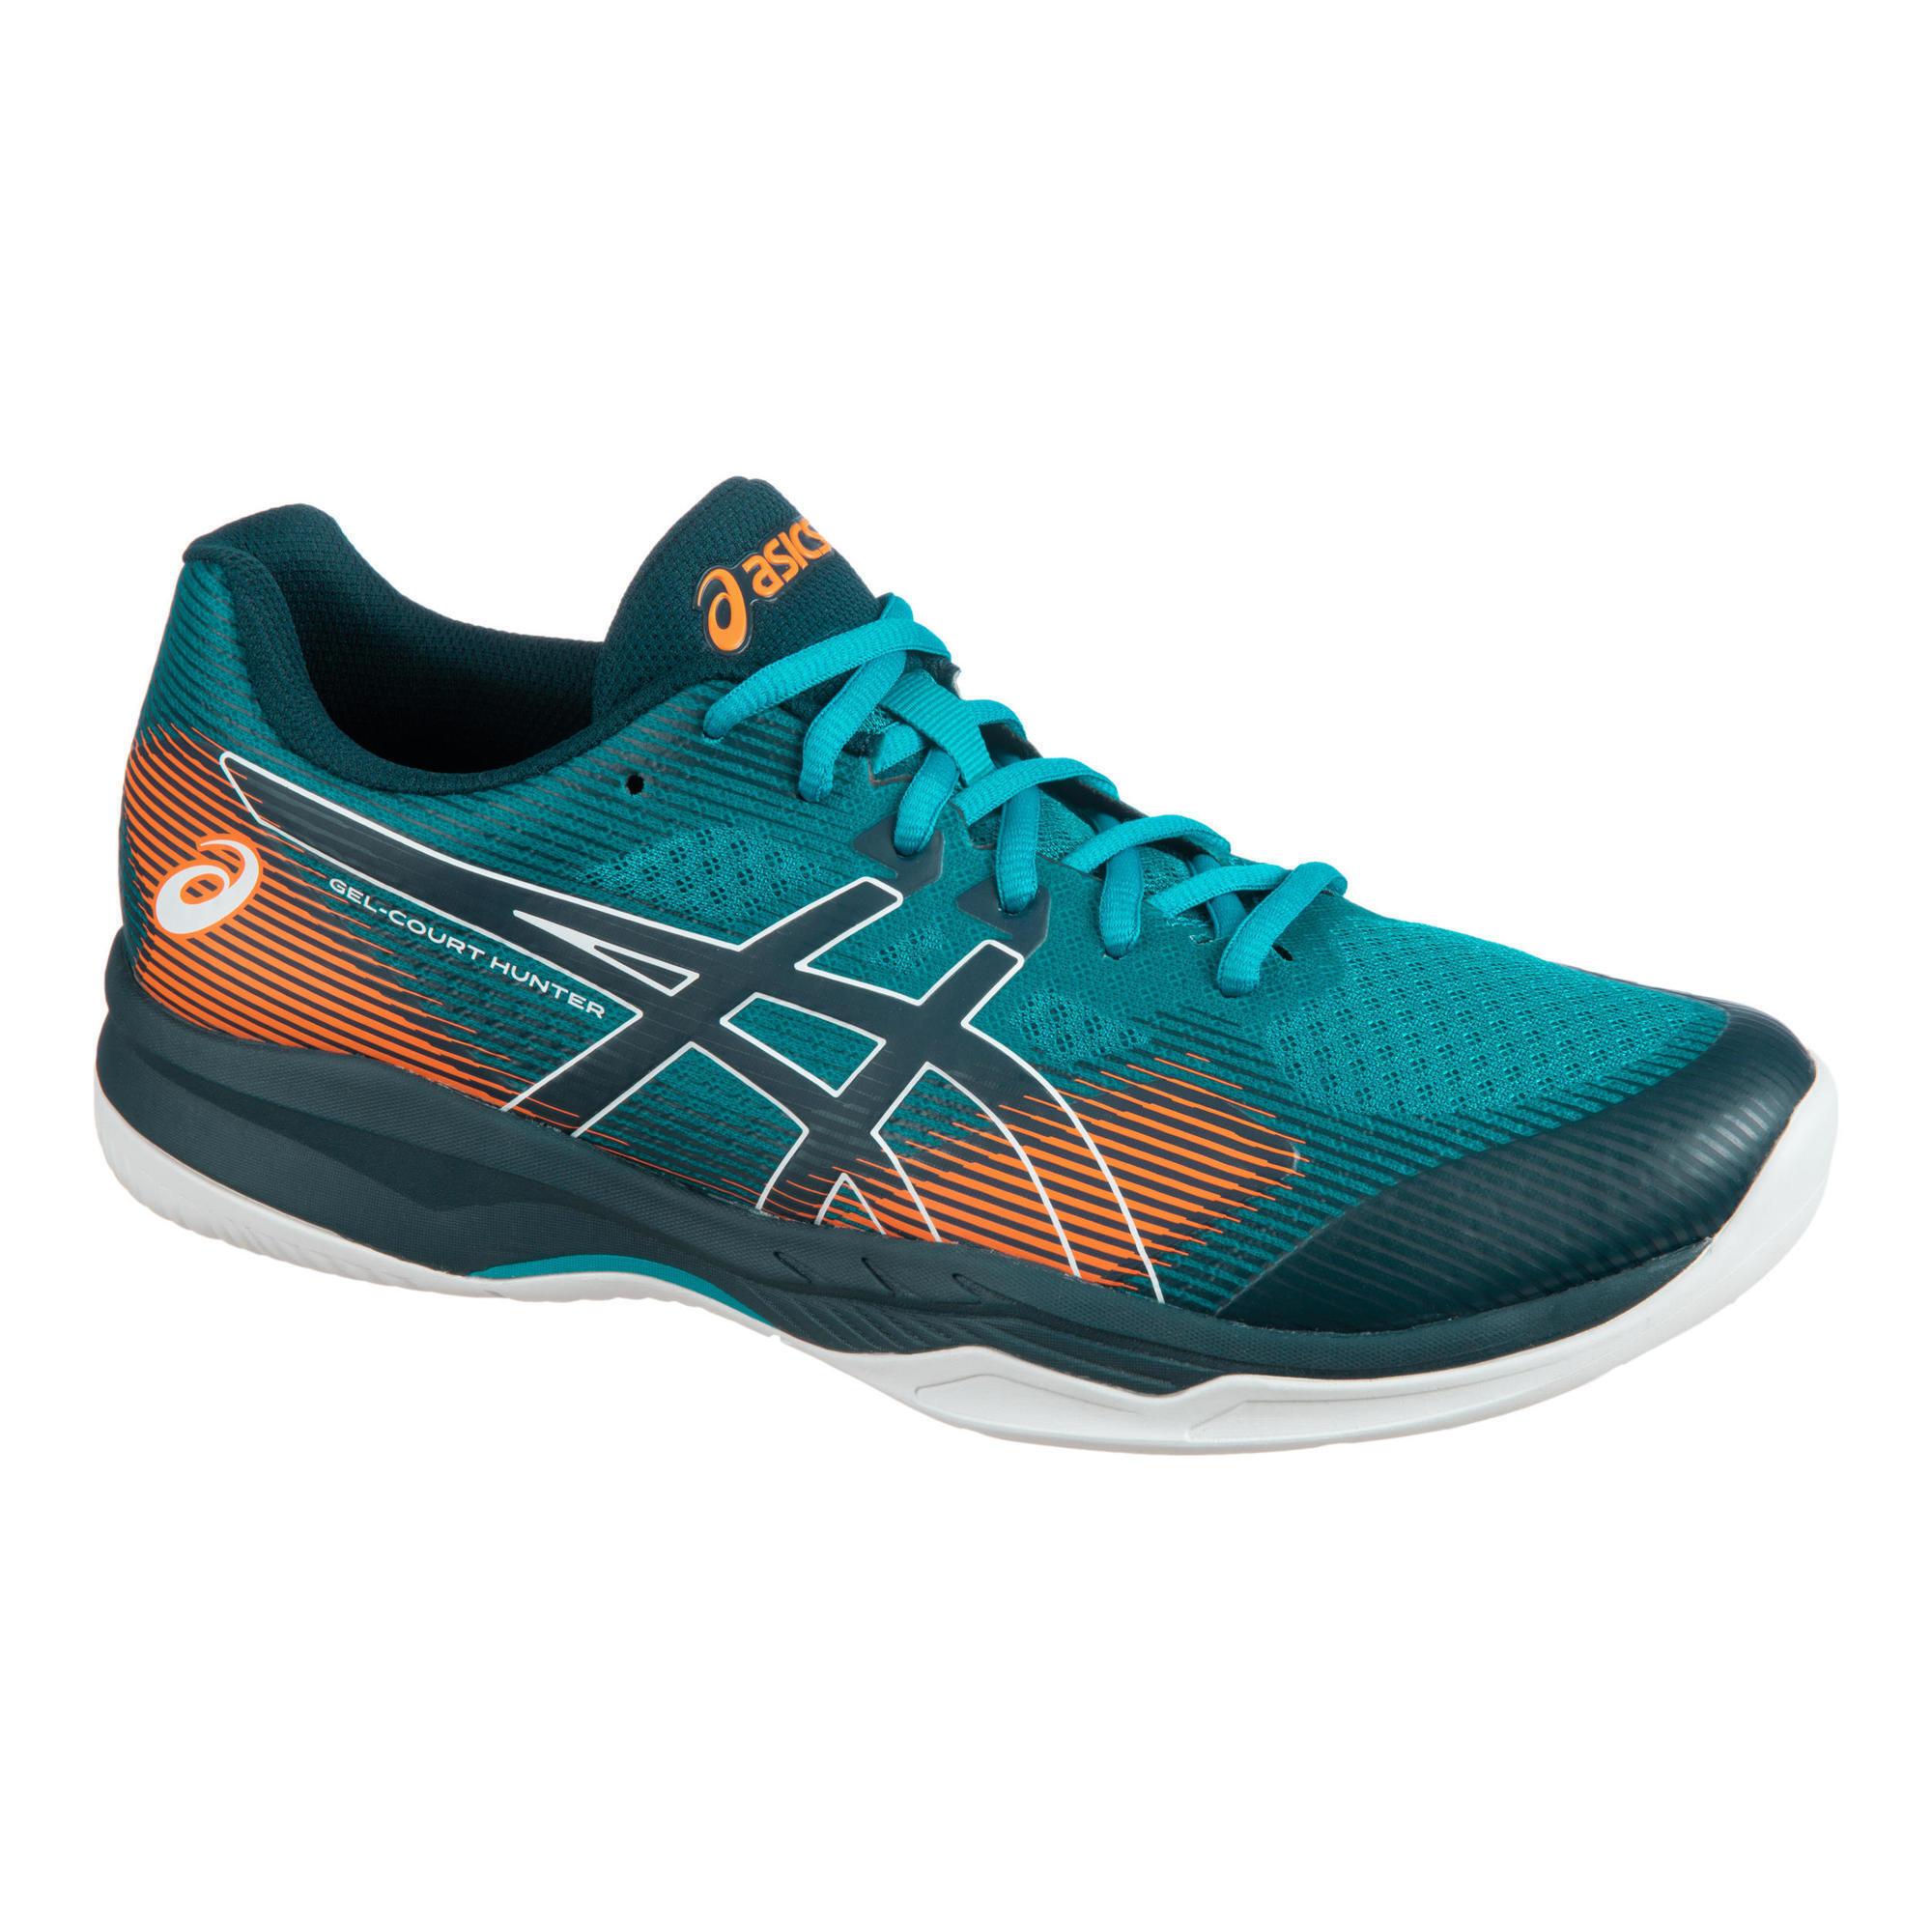 Chaussures de Badminton, Squash & Sports indoor Asics Gel-Court Hunter 2 - Bleu Sarcel, Tailles 41.5 à 44